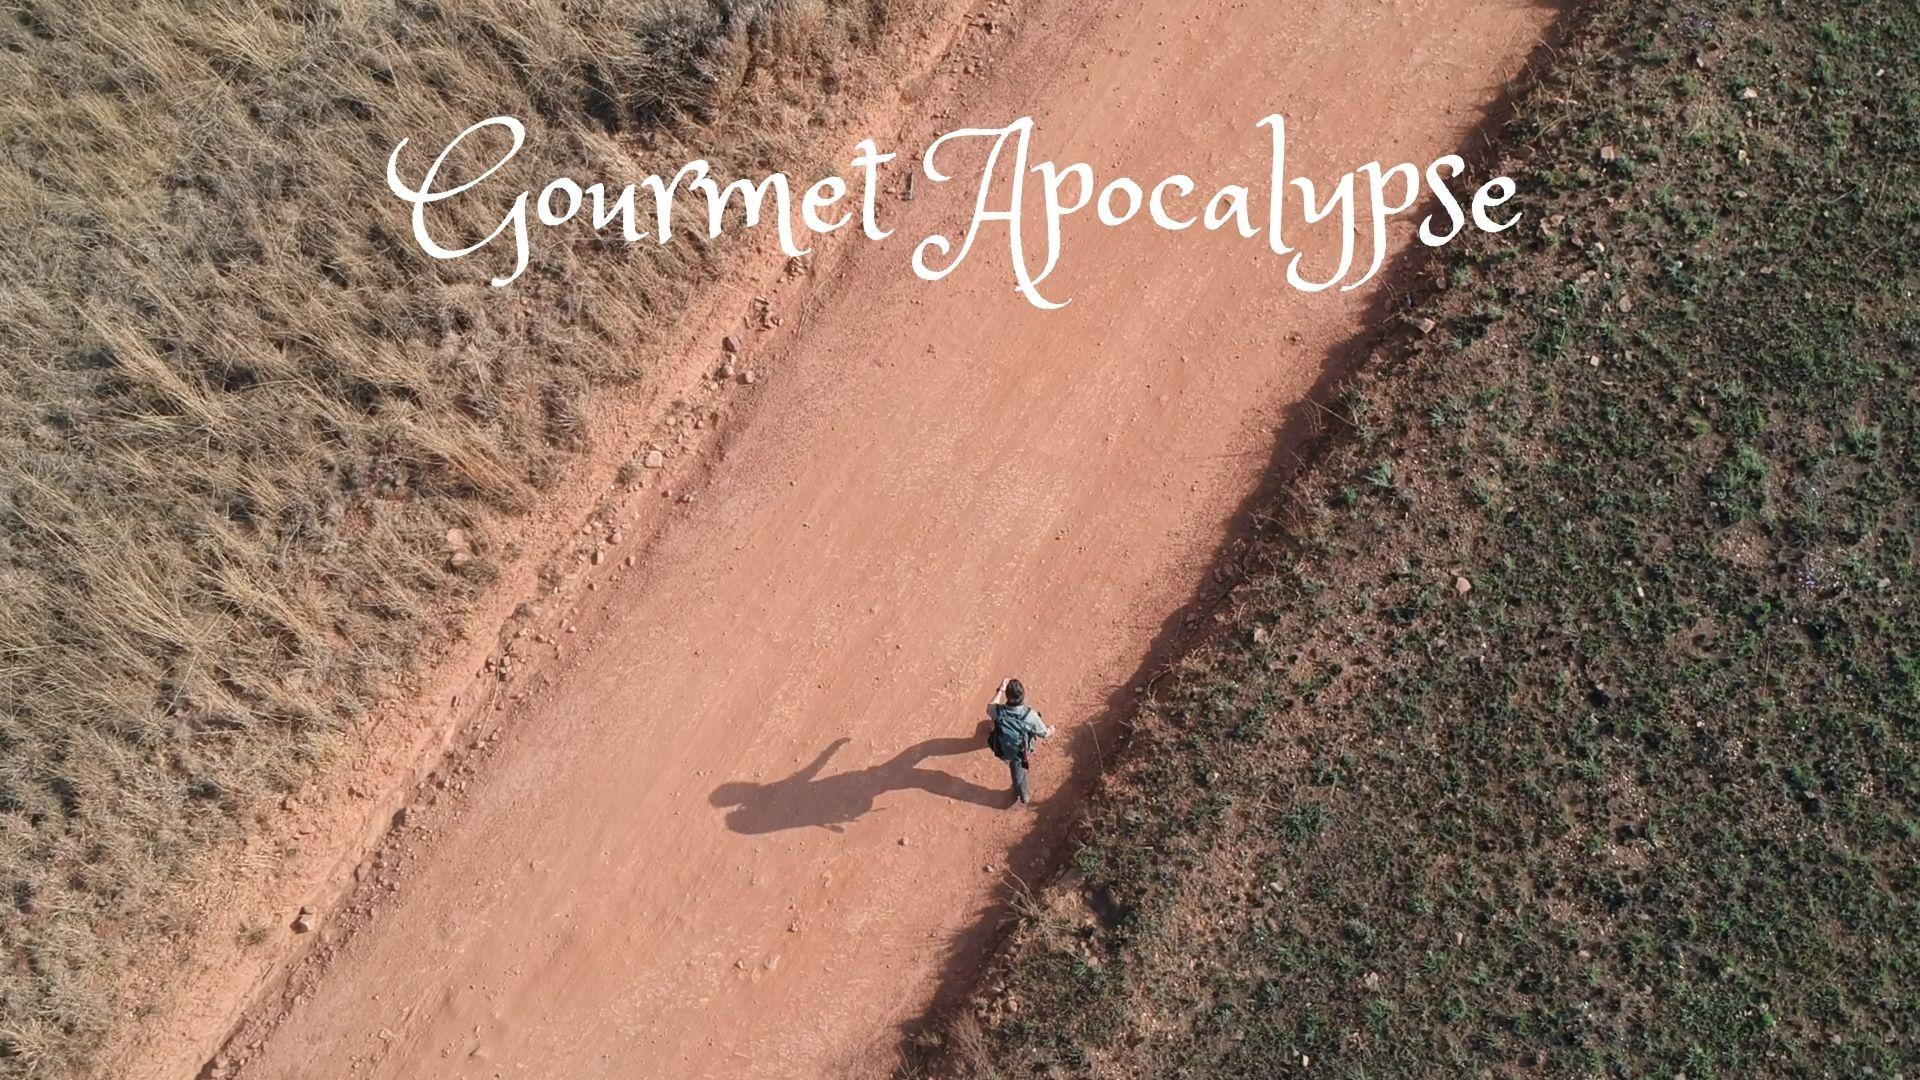 Gourmet Apocalypse - My RØDE Reel 2020